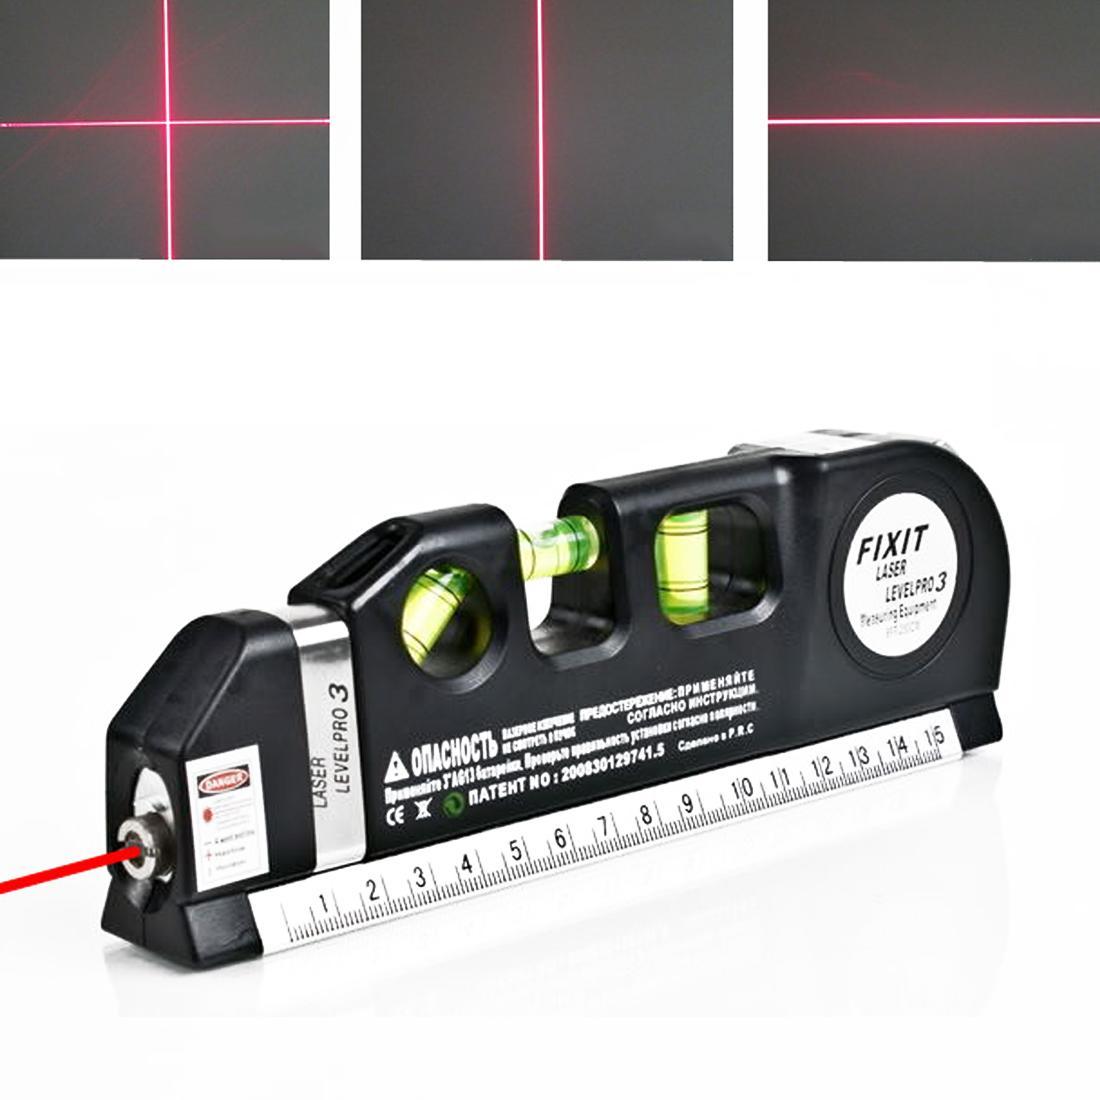 Multipurpose Level Laser Horizon Vertical Measure Tape 8Ft Aligner Bubbles Ruler Tool For .